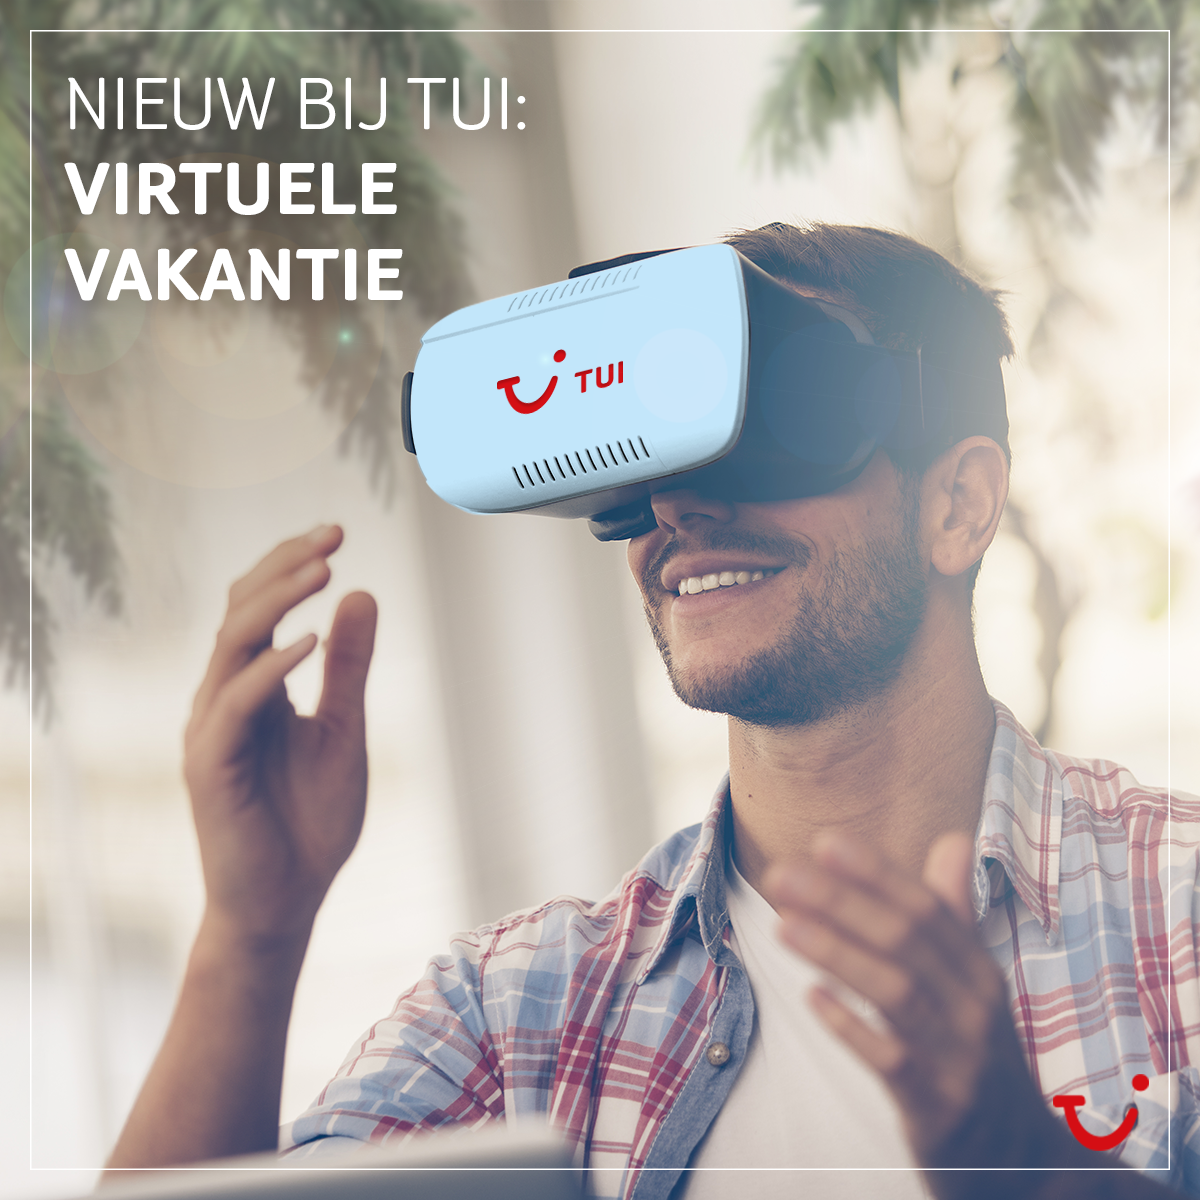 Alleen vandaag bij ons te boeken: virtuele vakanties! 🌴